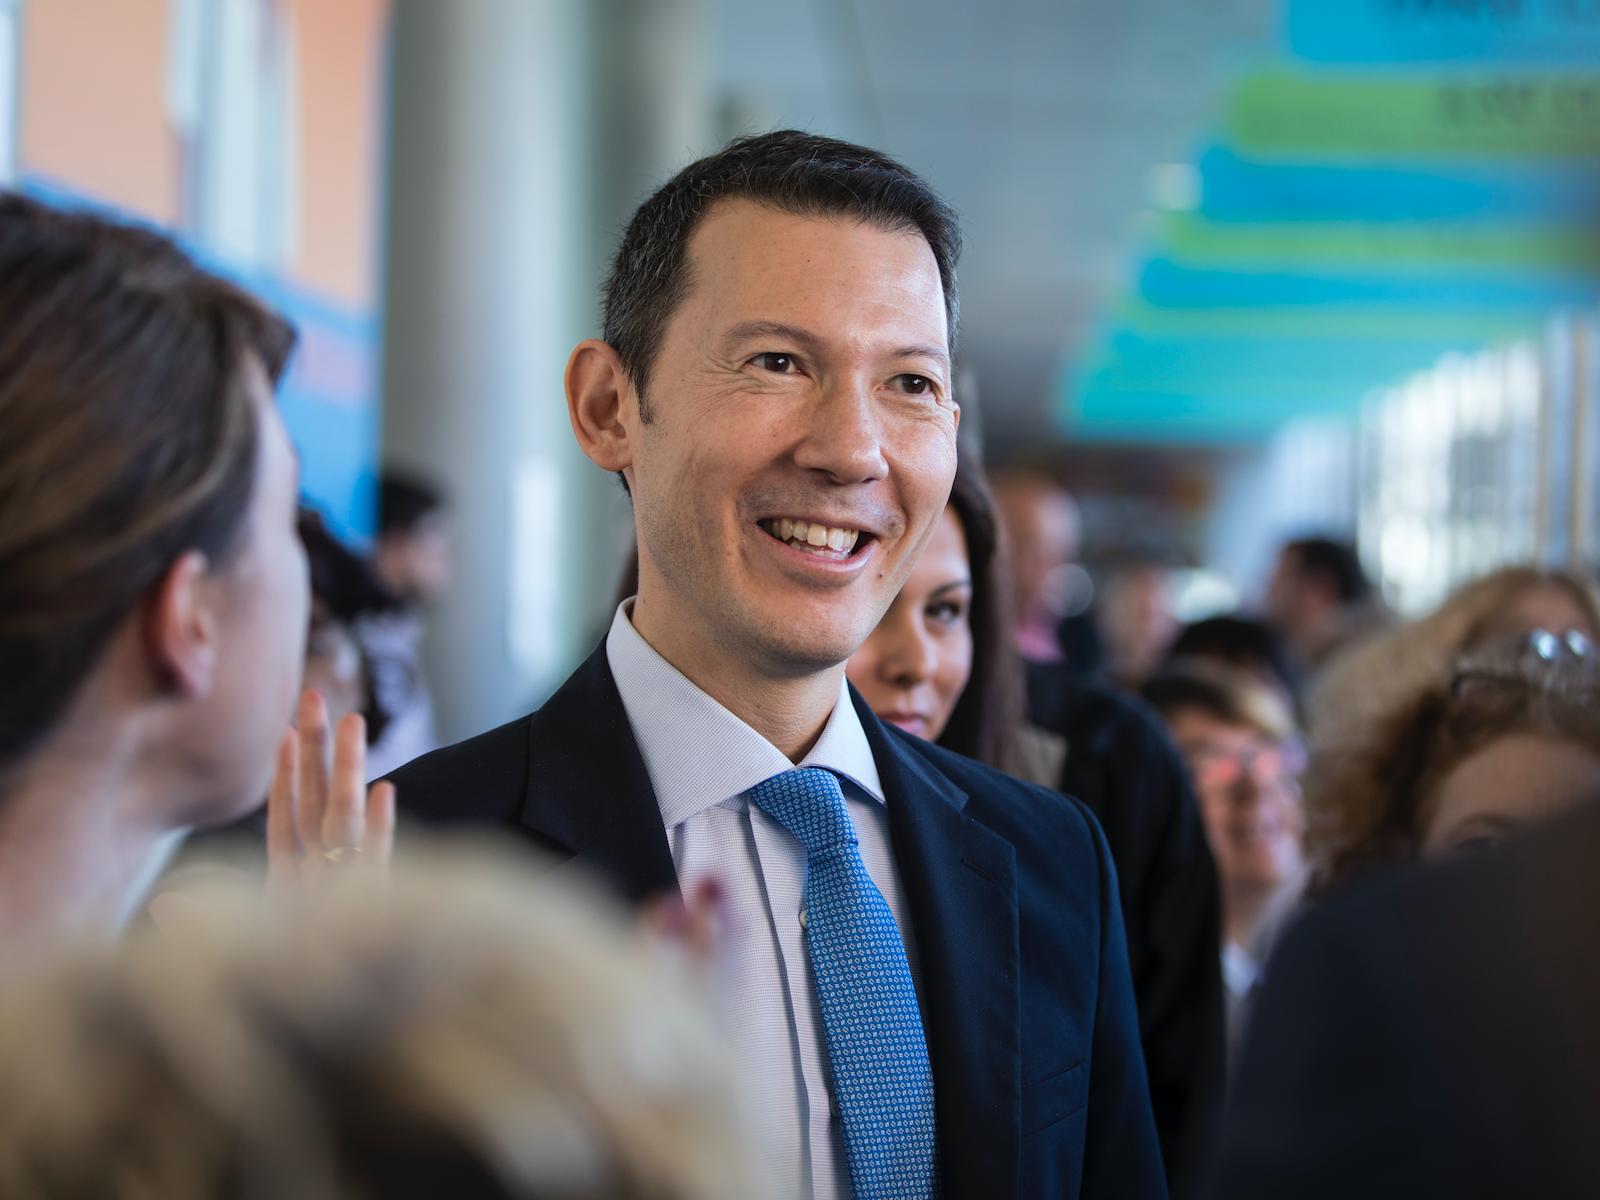 Benjamin Smith est arrivé à la tête d'Air France-KLM en septembre 2018 © AF